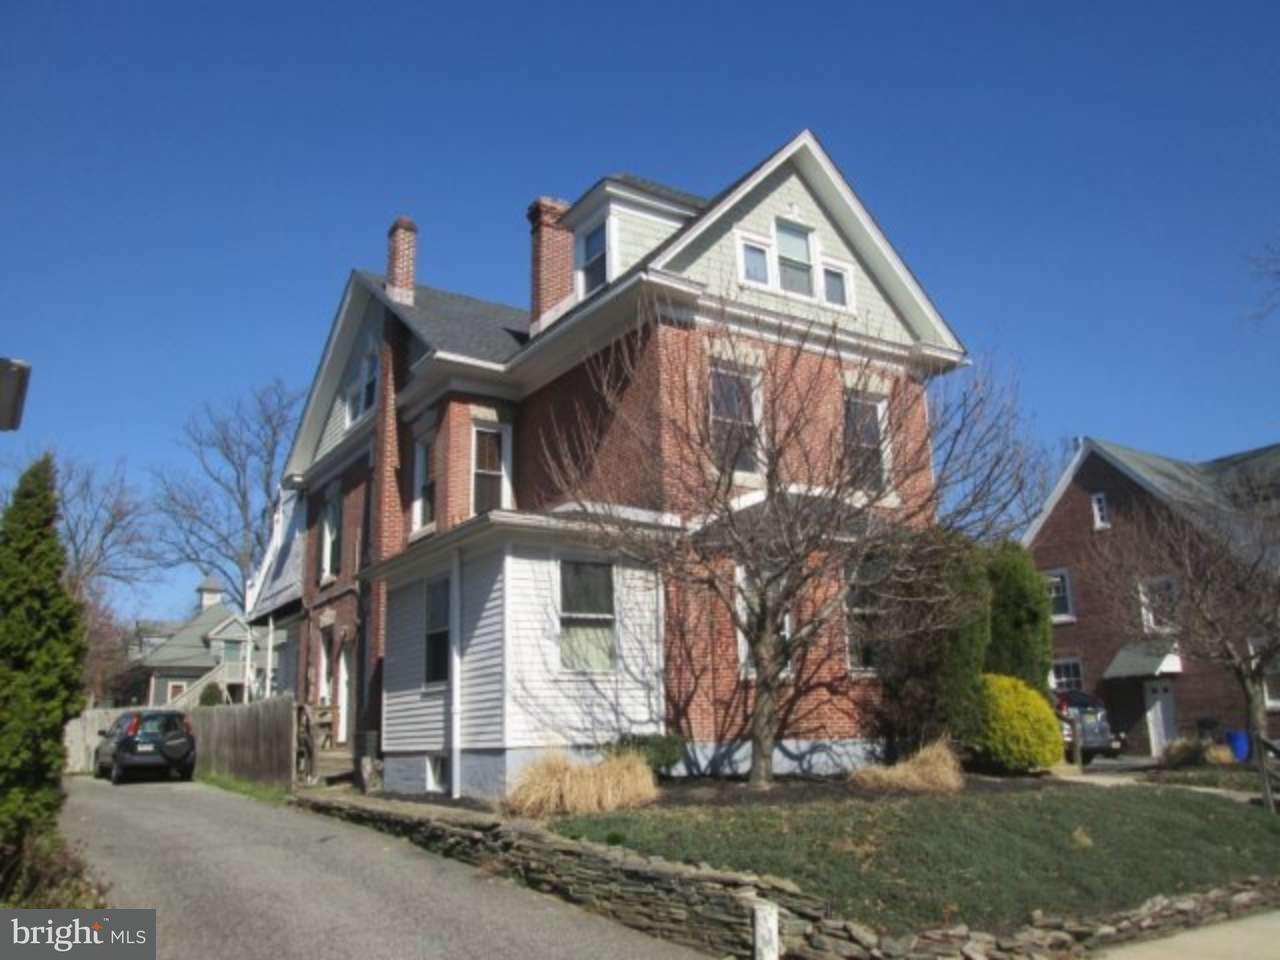 独户住宅 为 销售 在 48-50 NEWTON Avenue Woodbury, 新泽西州 08096 美国